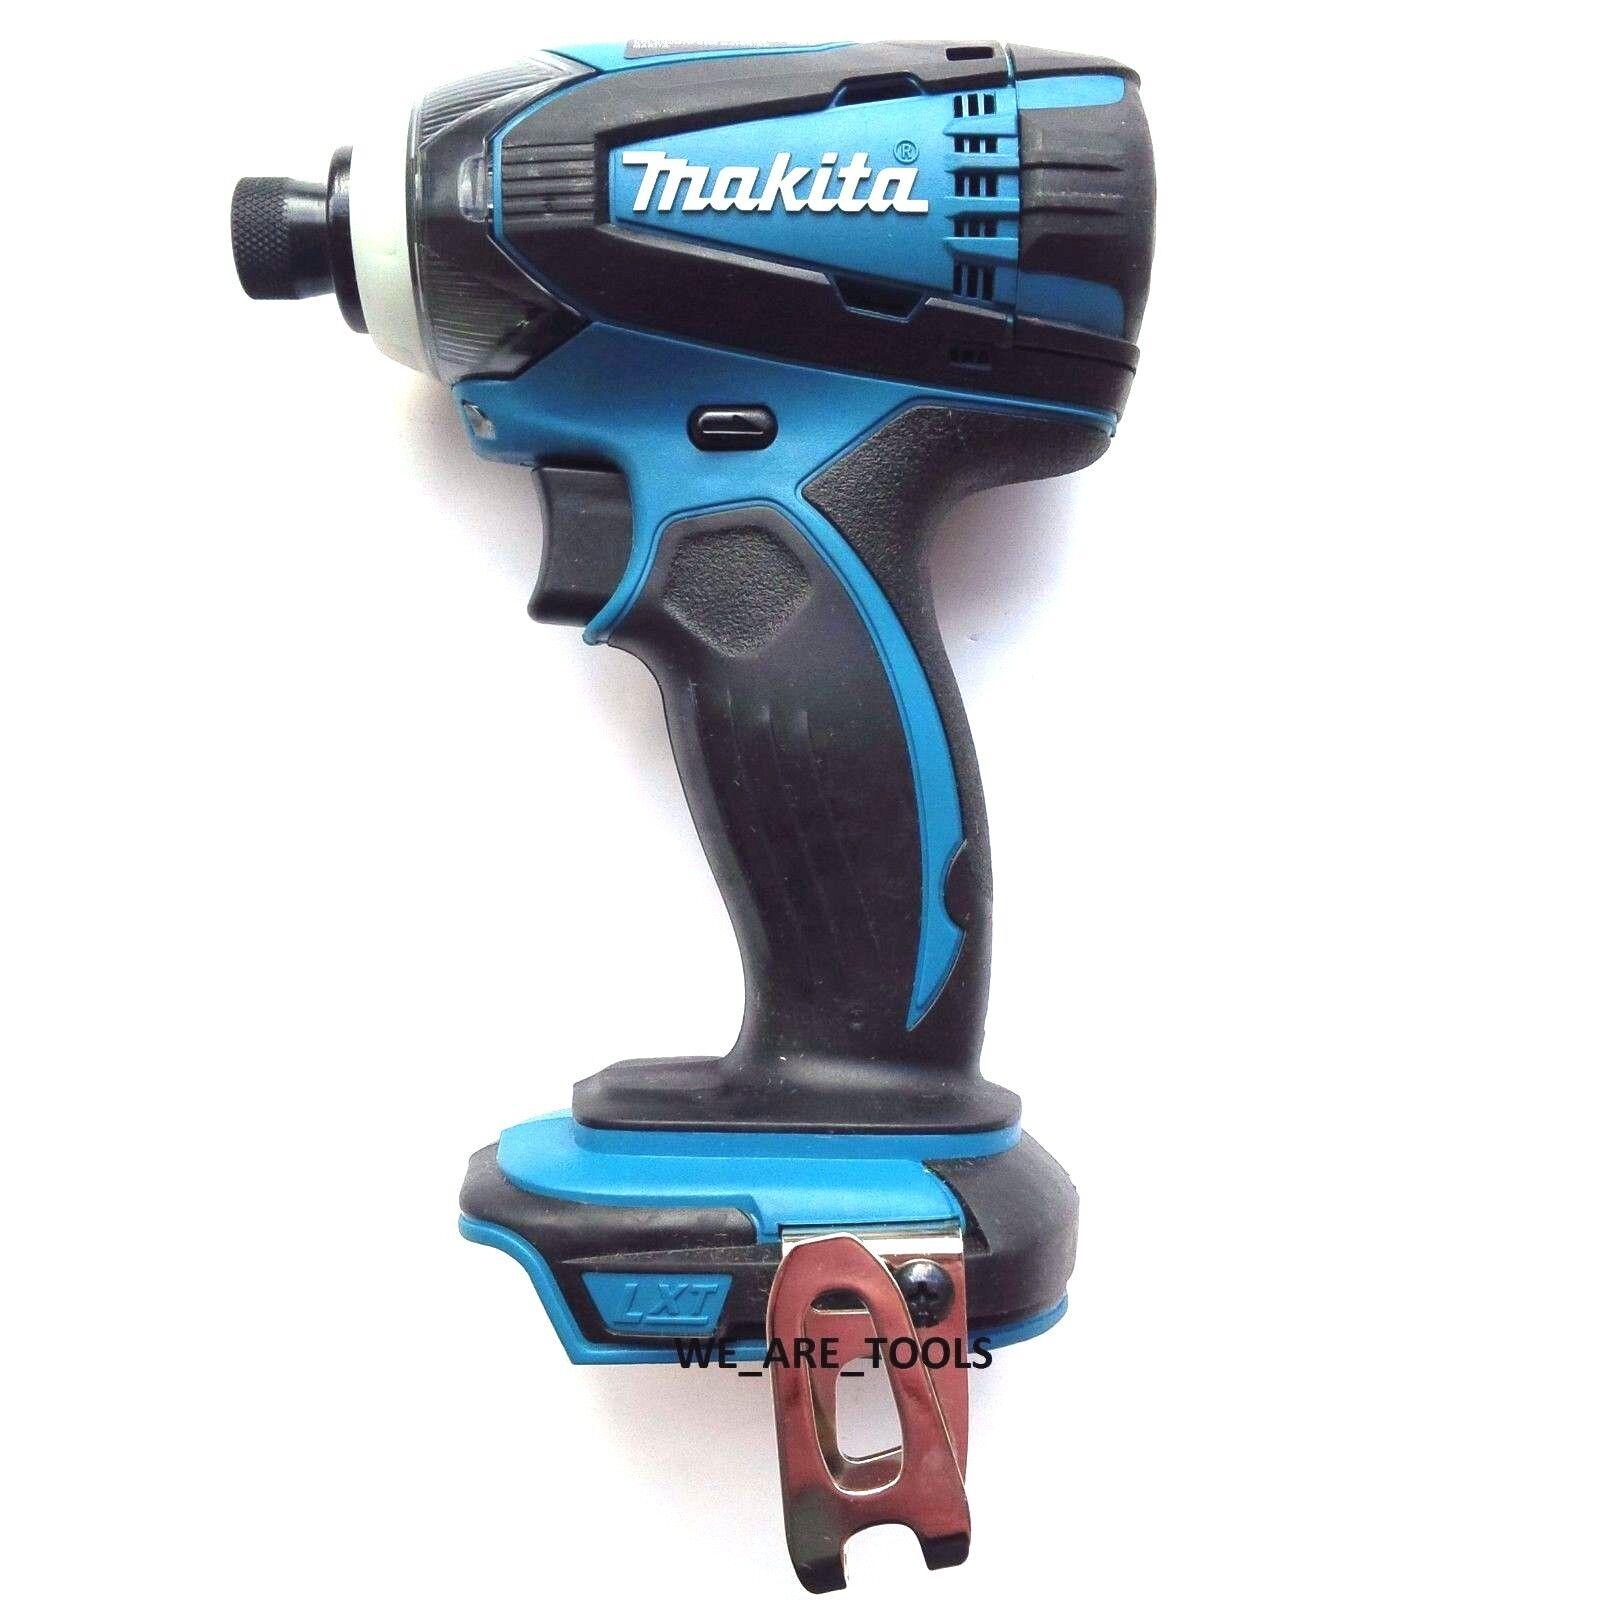 New-Makita-18V-XDT04-Cordless-1-4--Impact--Driver--Drill-18-Volt-LXT